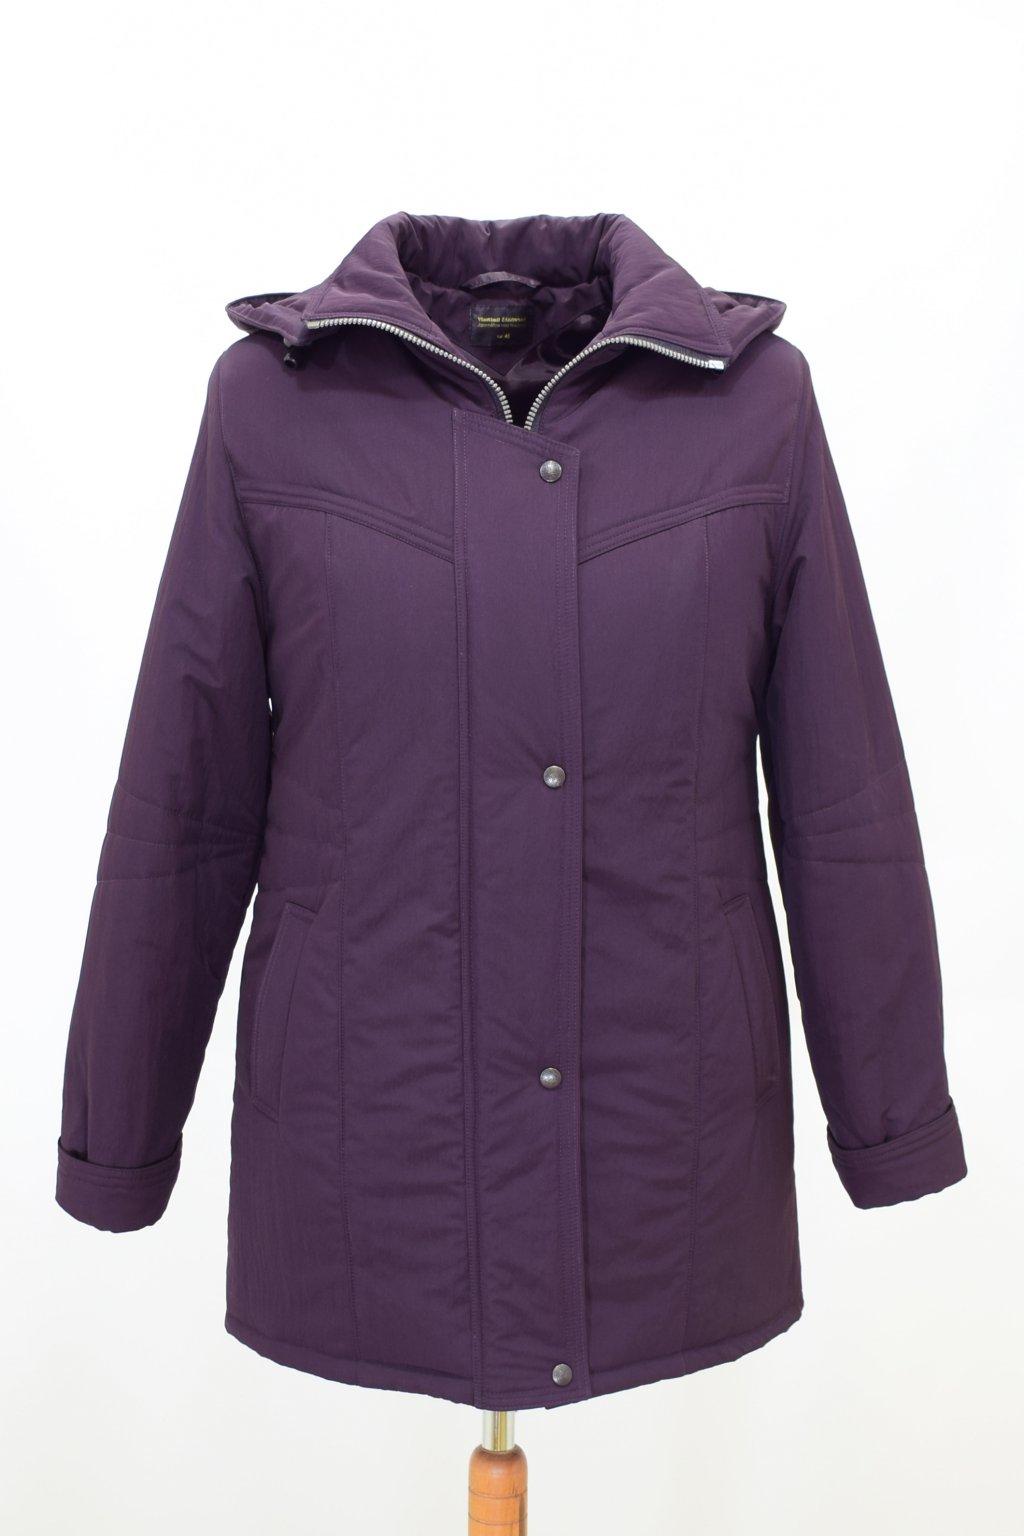 Dámská zimní bunda Kamila krešovaná baklažán nadměrné velikosti